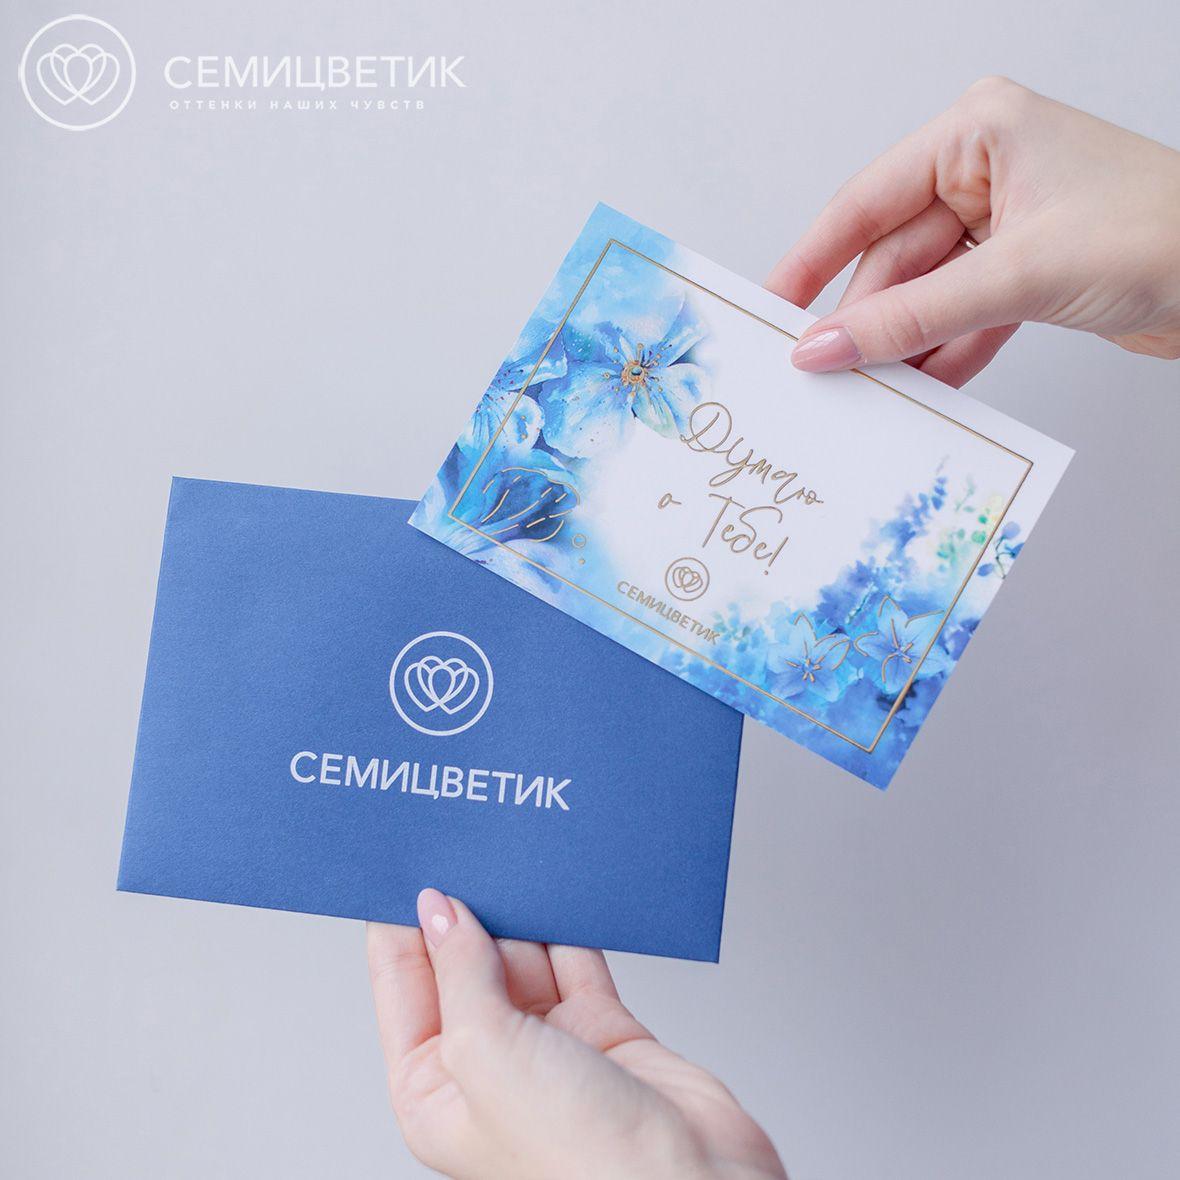 Открытка в конверте Семицветик